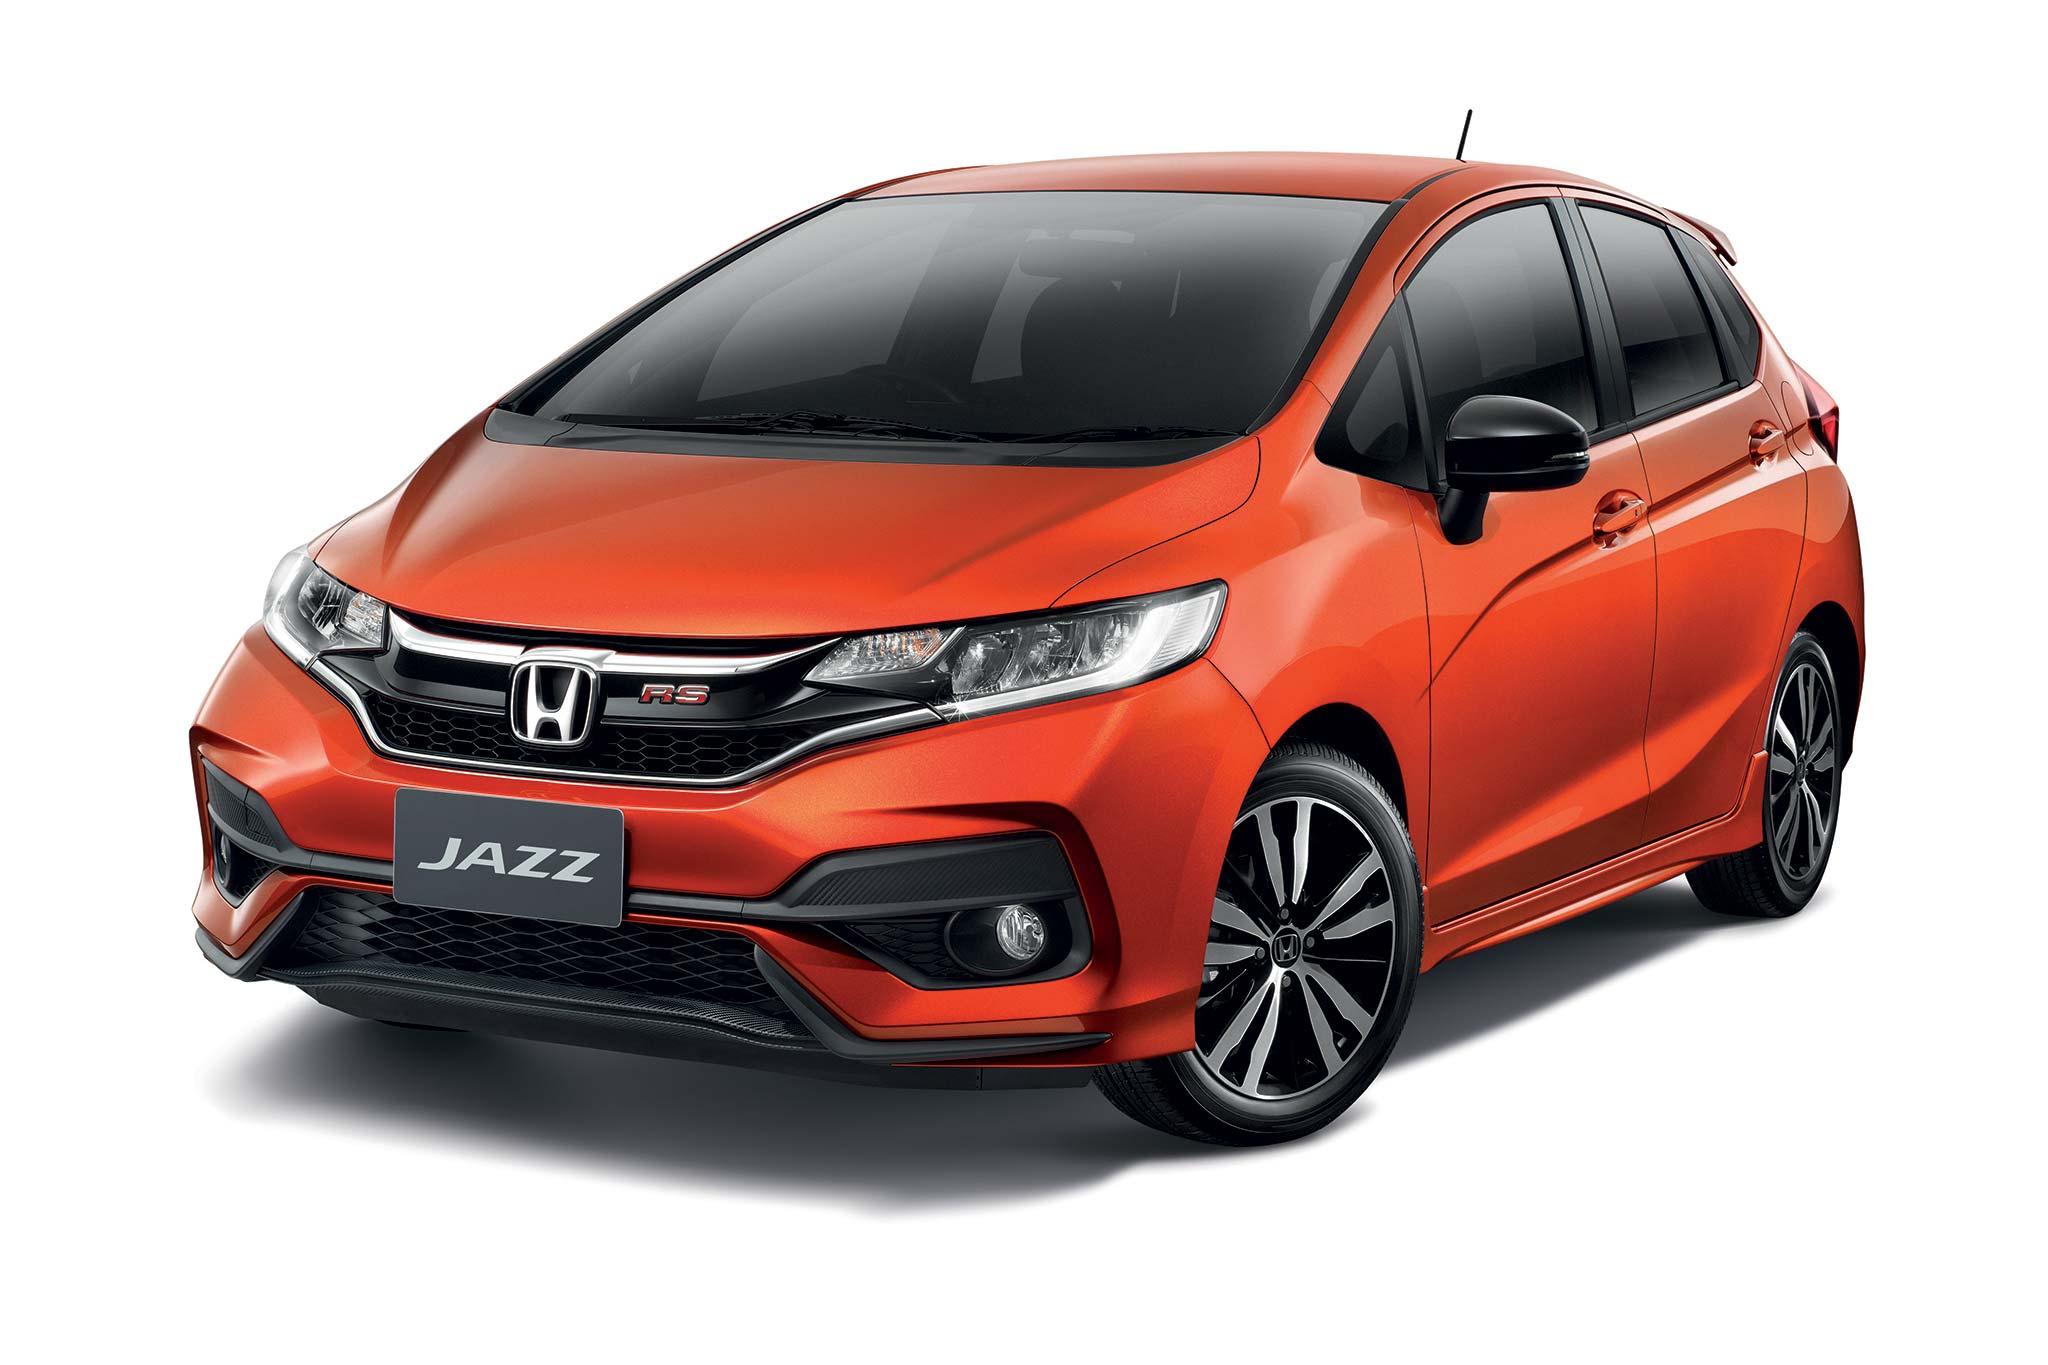 Honda Jazz giá khởi điểm 386 triệu đồng tại thị trường Thái Lan. Ảnh: Honda